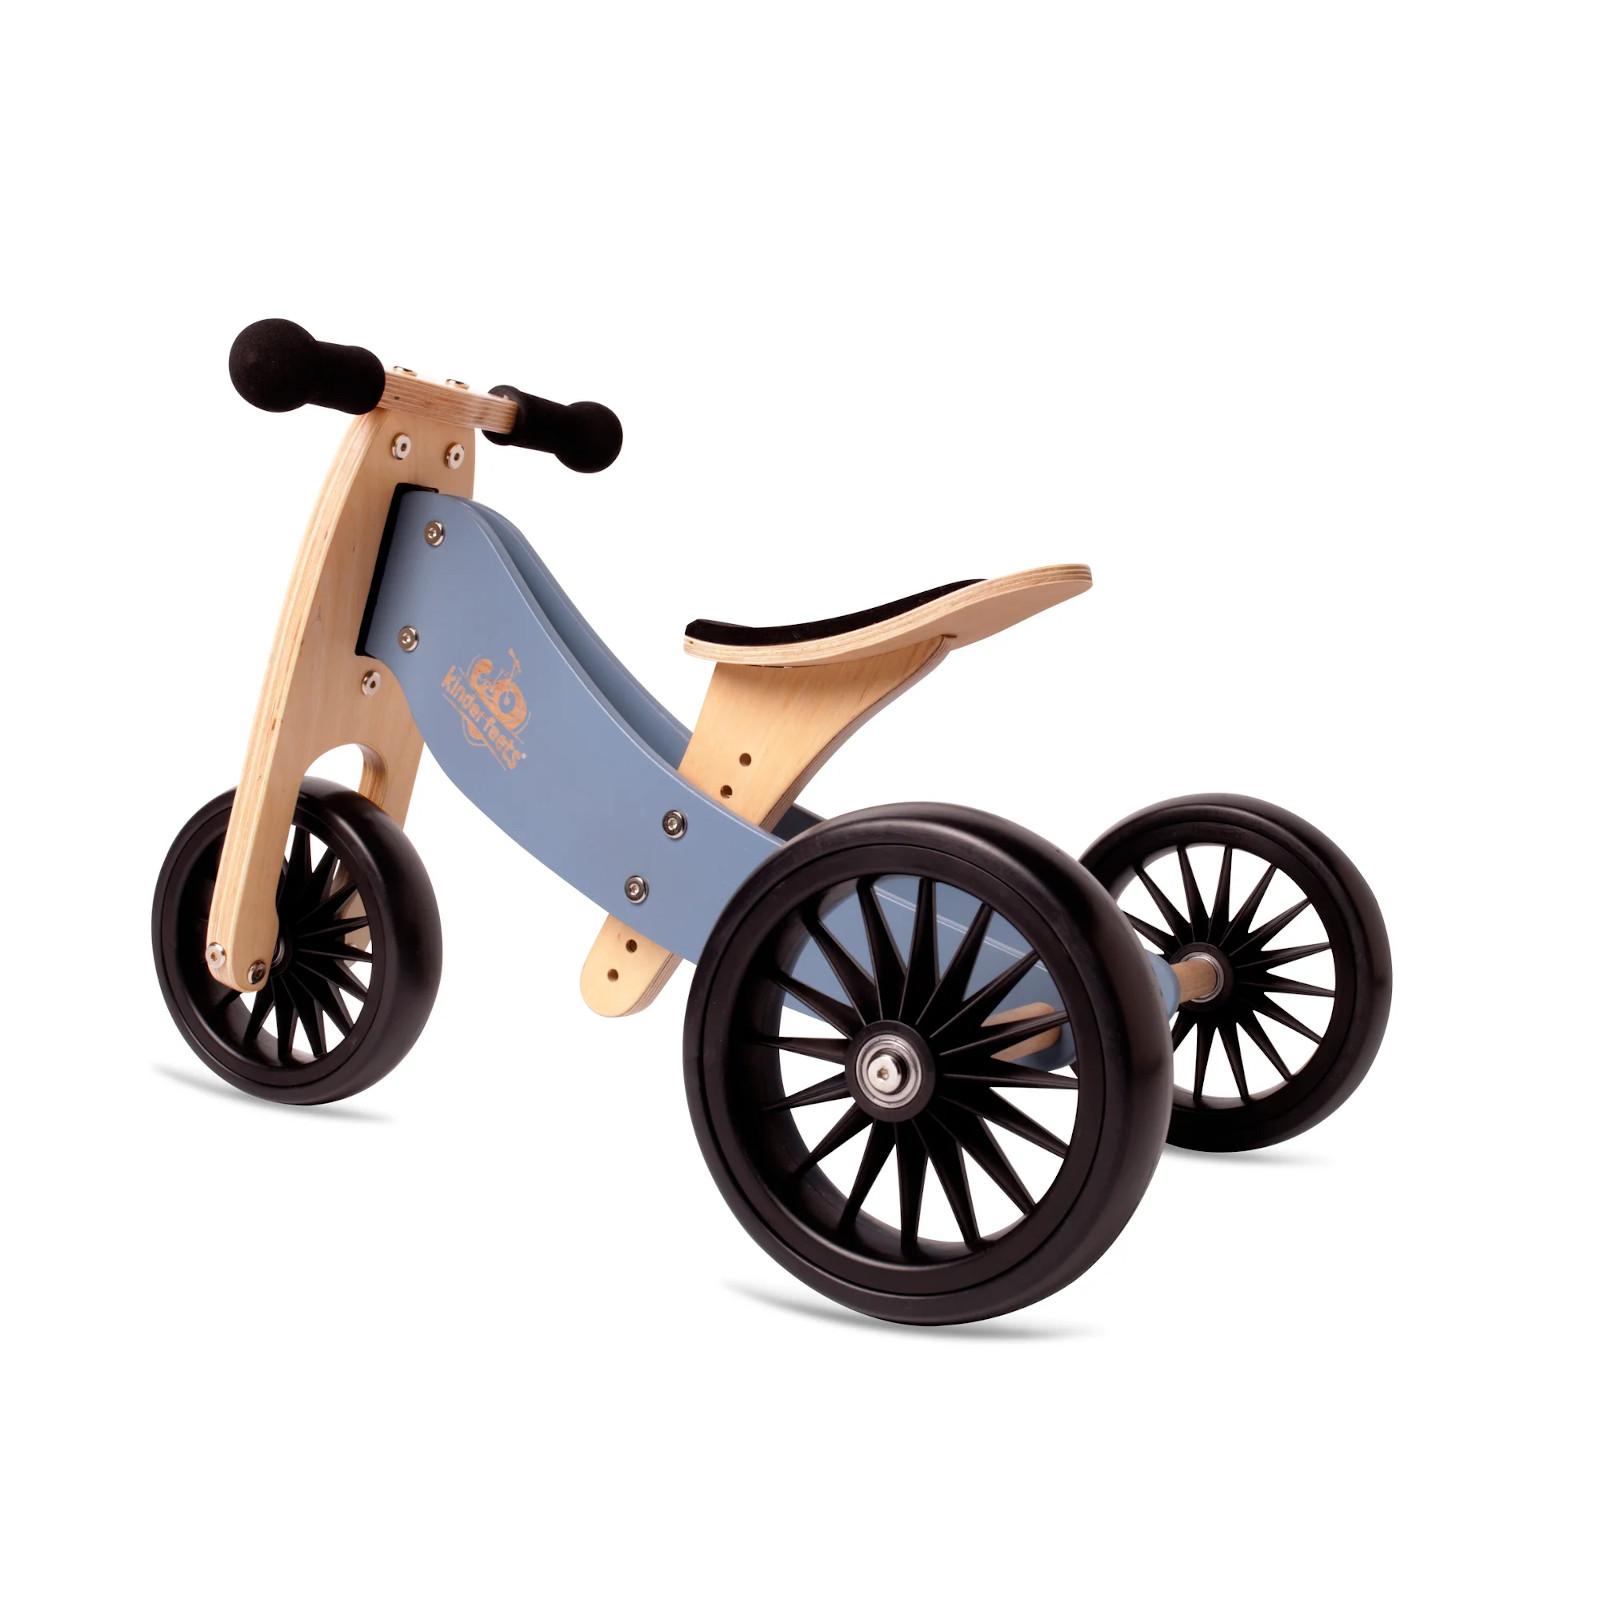 Balans bicikl tricikl Kinderfeets TinyTot Plus Blue, 3 točka